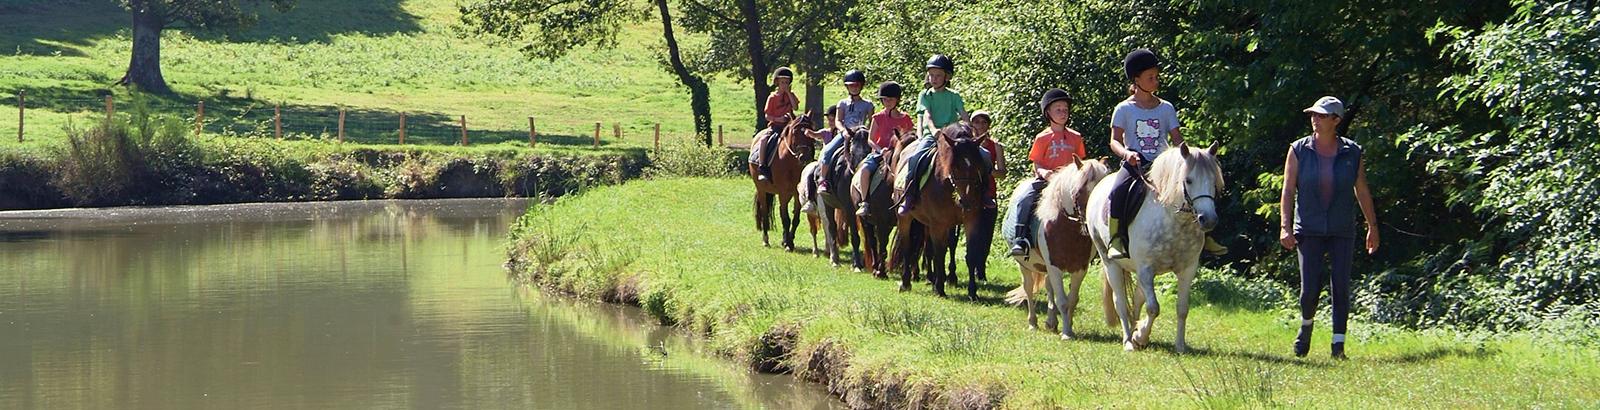 Promenades à poney pour les plus jeunes et cours d'équitation